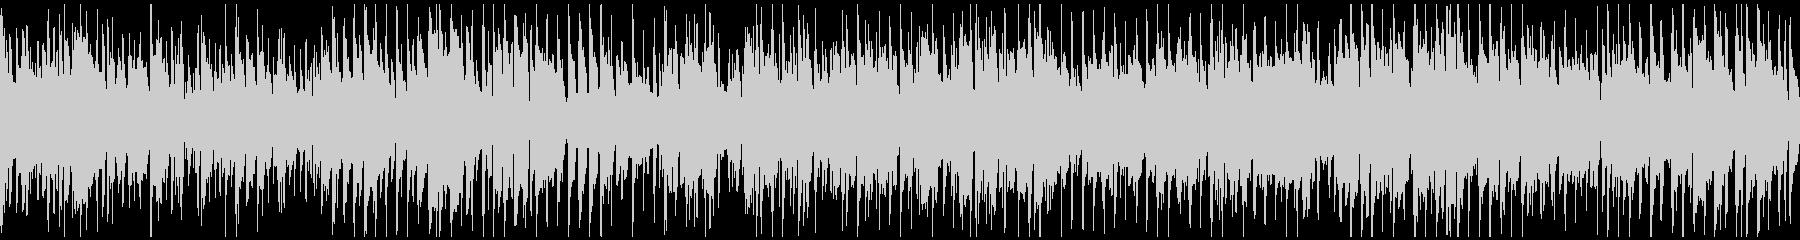 都会的なサックスのクラブジャズ※ループ版の未再生の波形